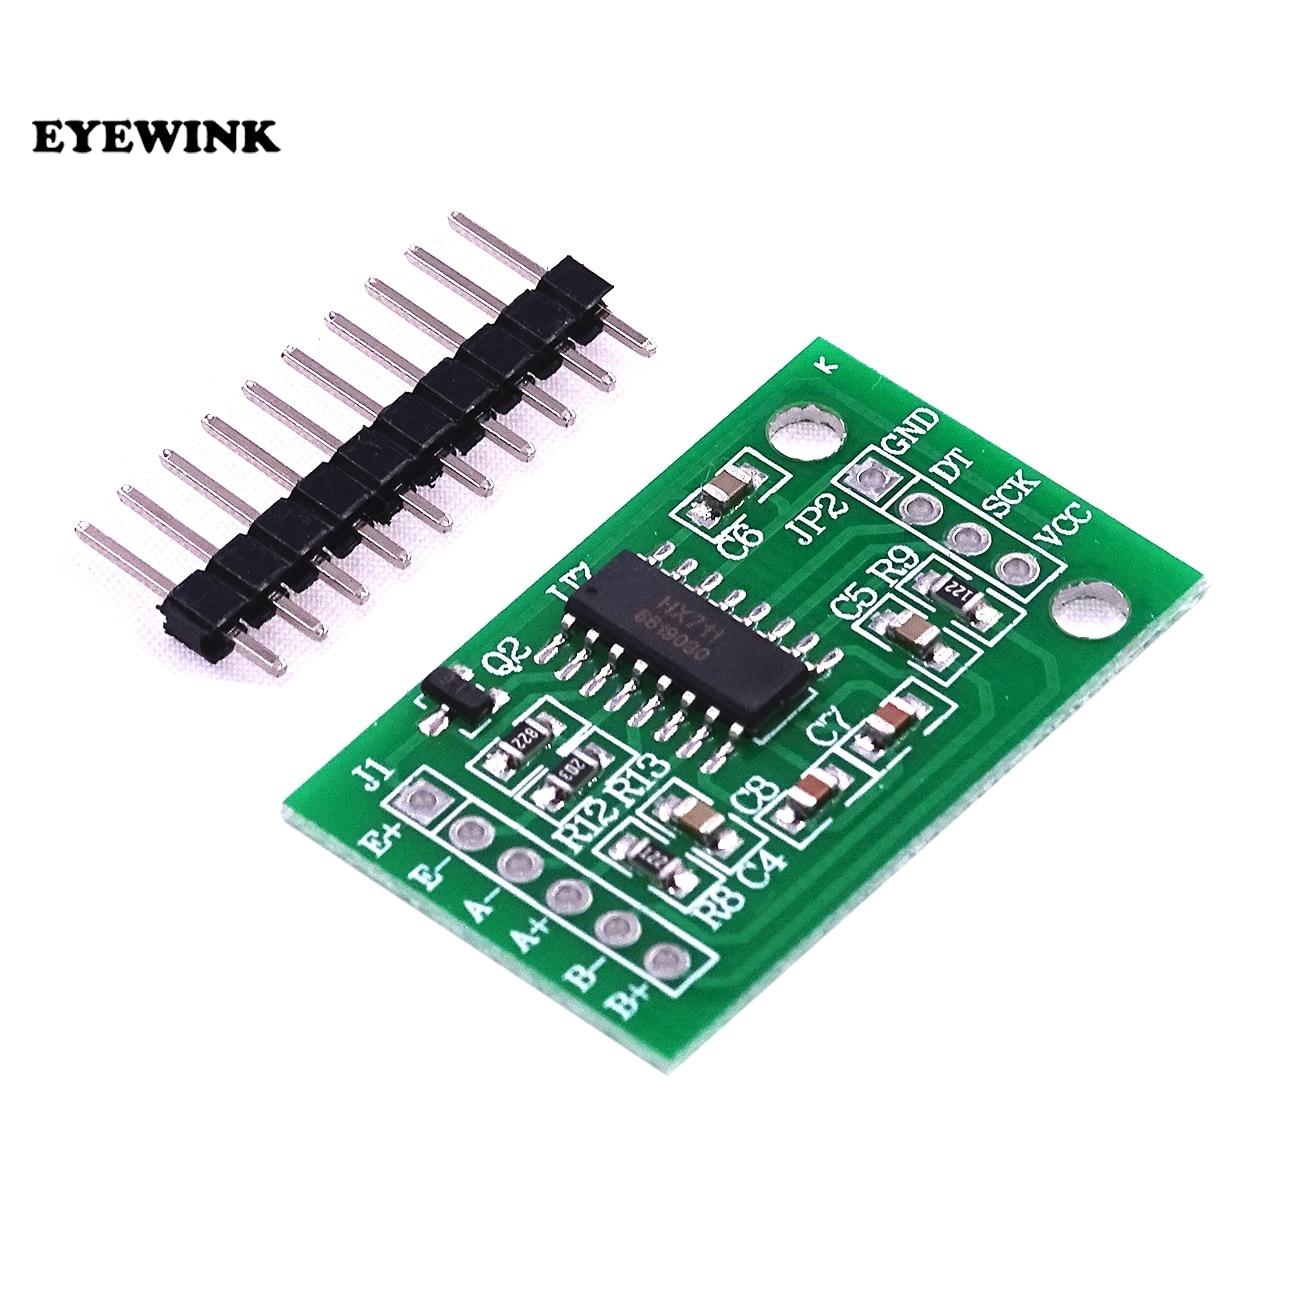 1pcs HX711 Module Weight  Sensor Pressure Sensor 24bit AD Module 35X20mm